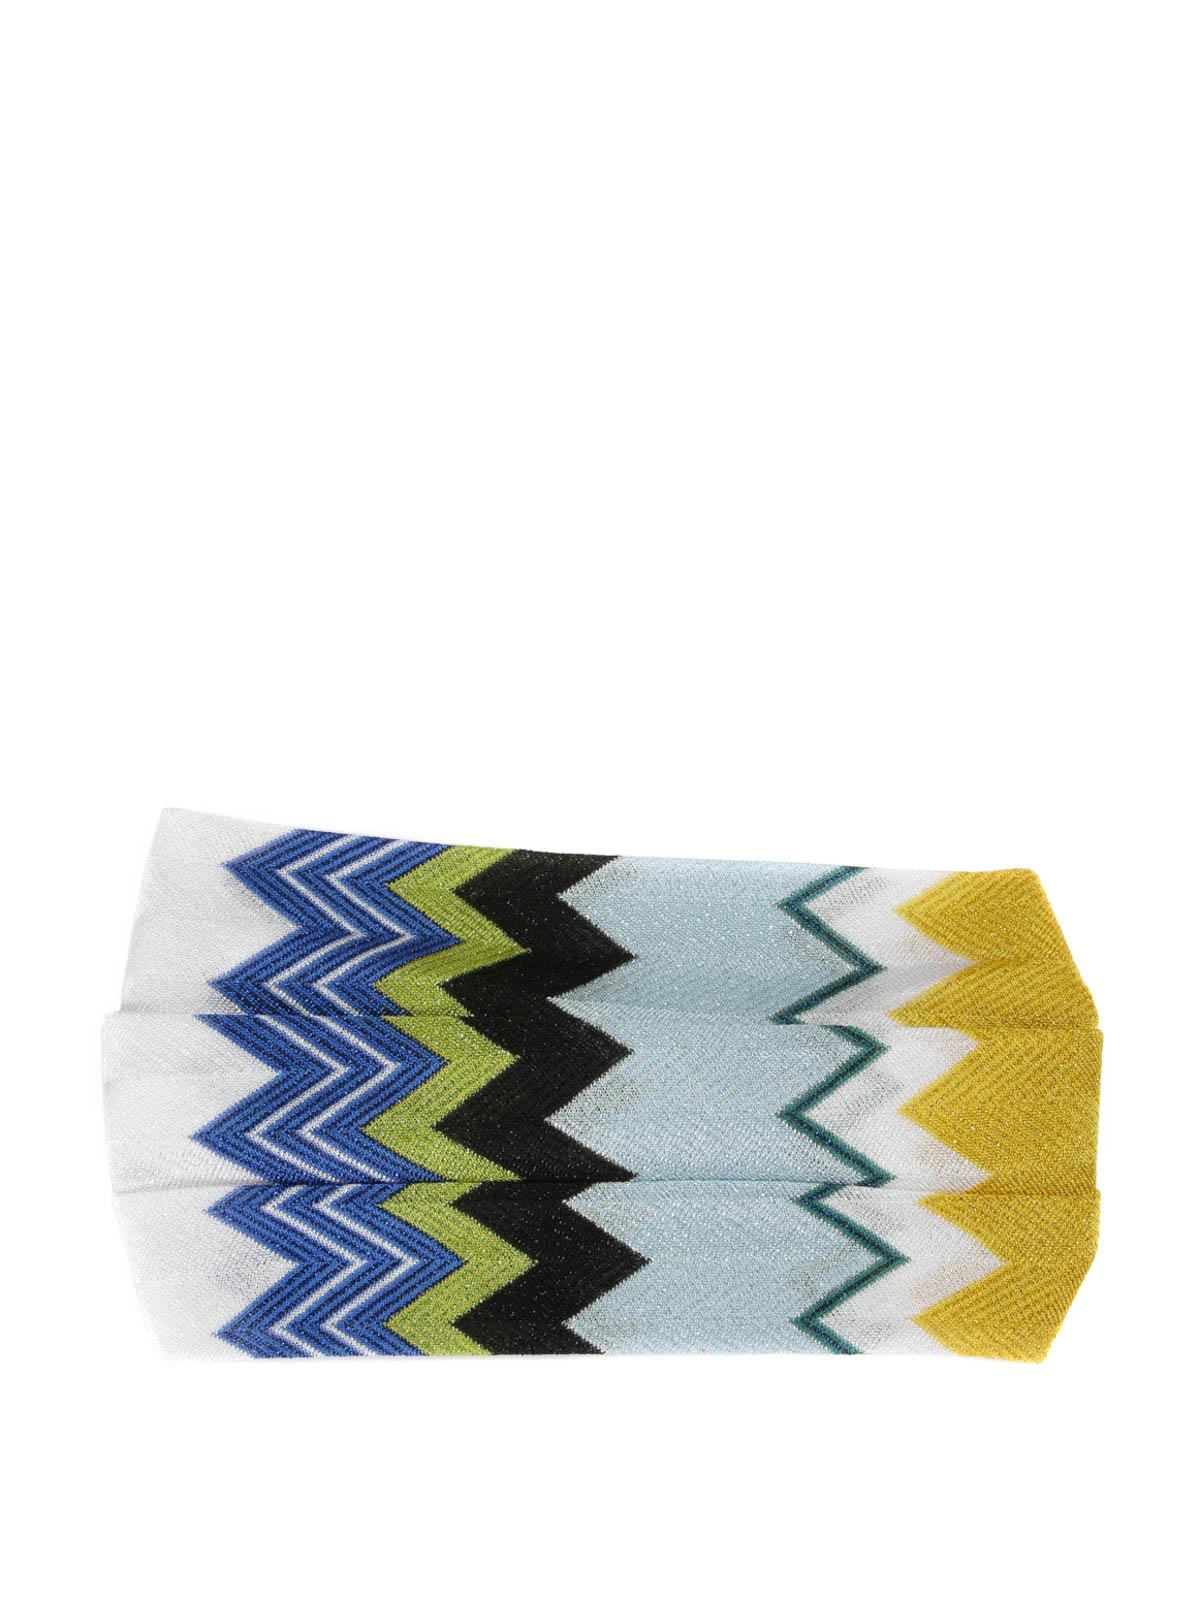 iKRIX MISSONI  accessori per capelli - Fascia per la testa fantasia fb2bb65d08e6